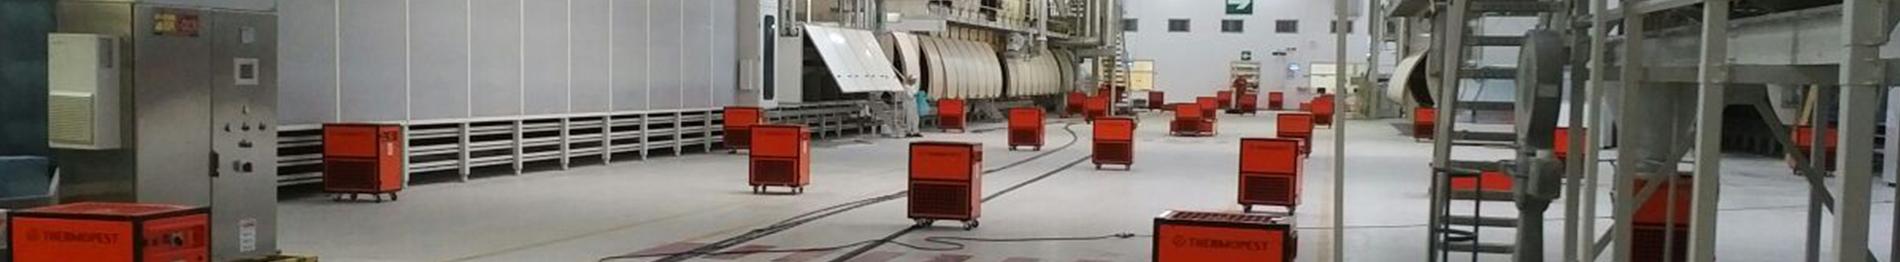 fumigación tratamiento térmico - Control de plagas Valencia